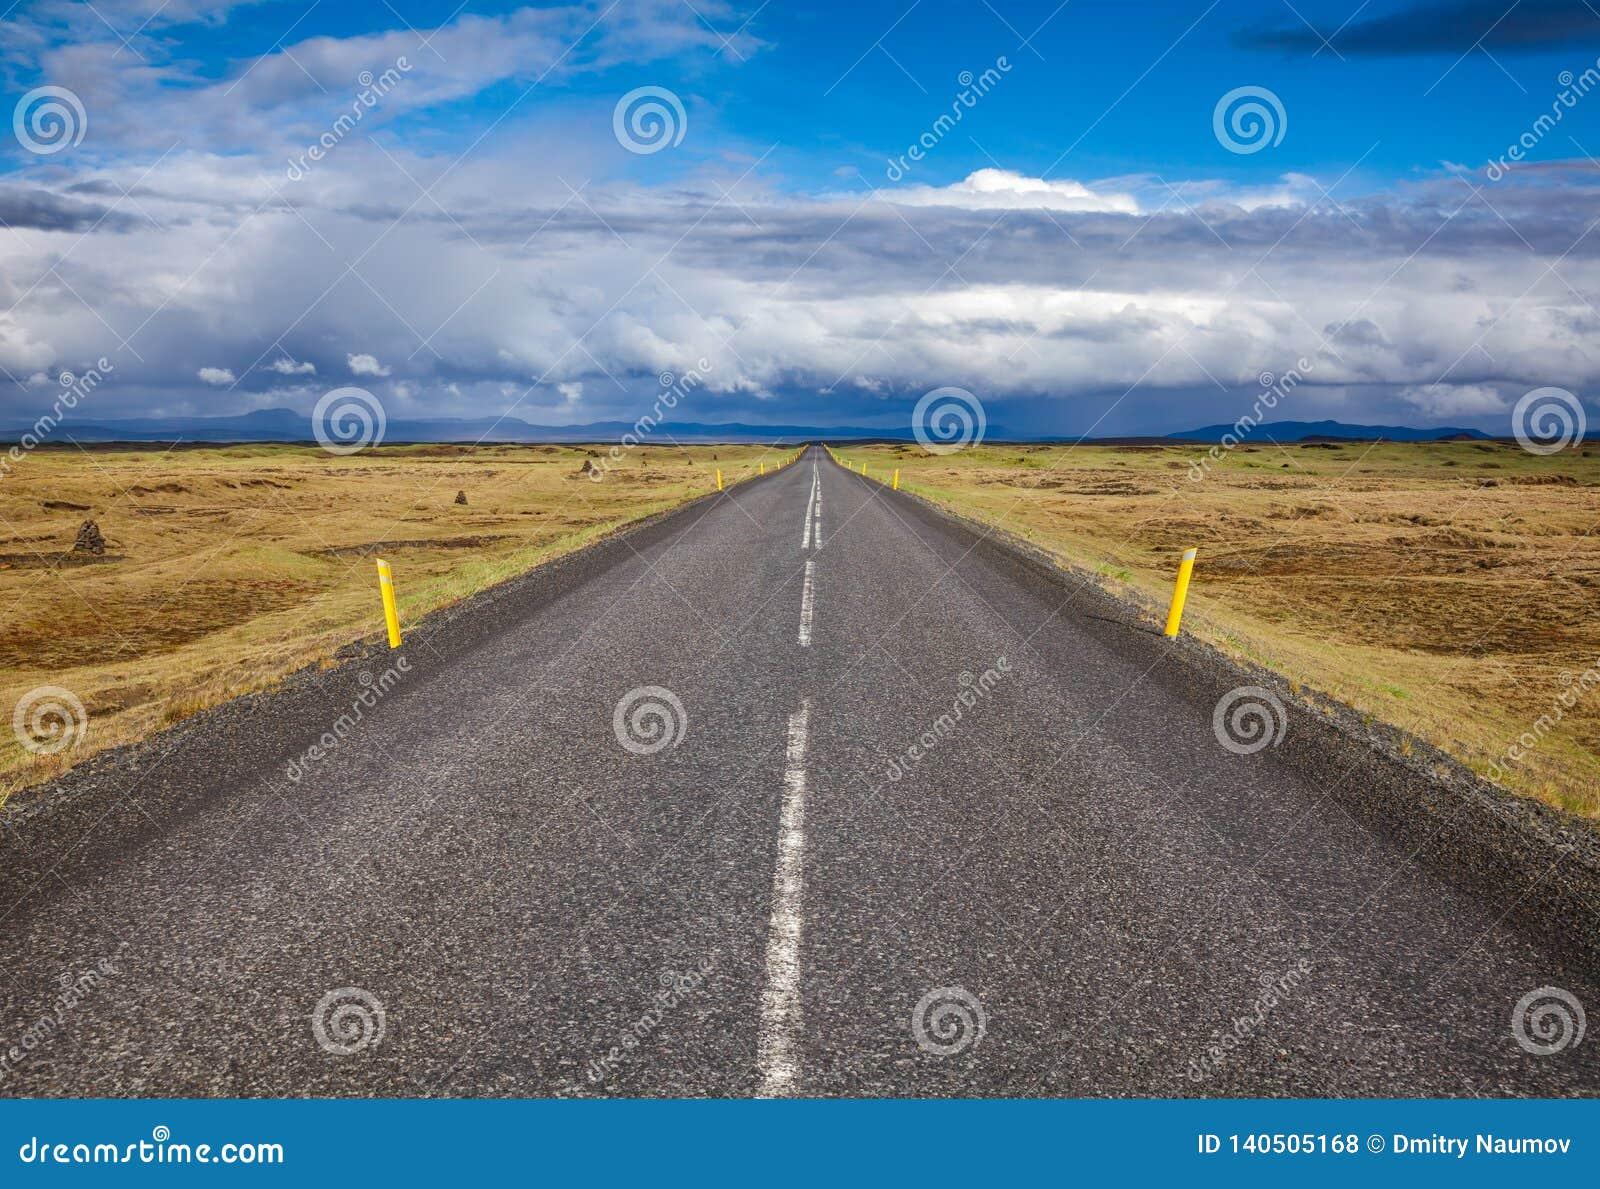 Кольцевая дорога северо-восточная Исландия Скандинавия маршрута 1